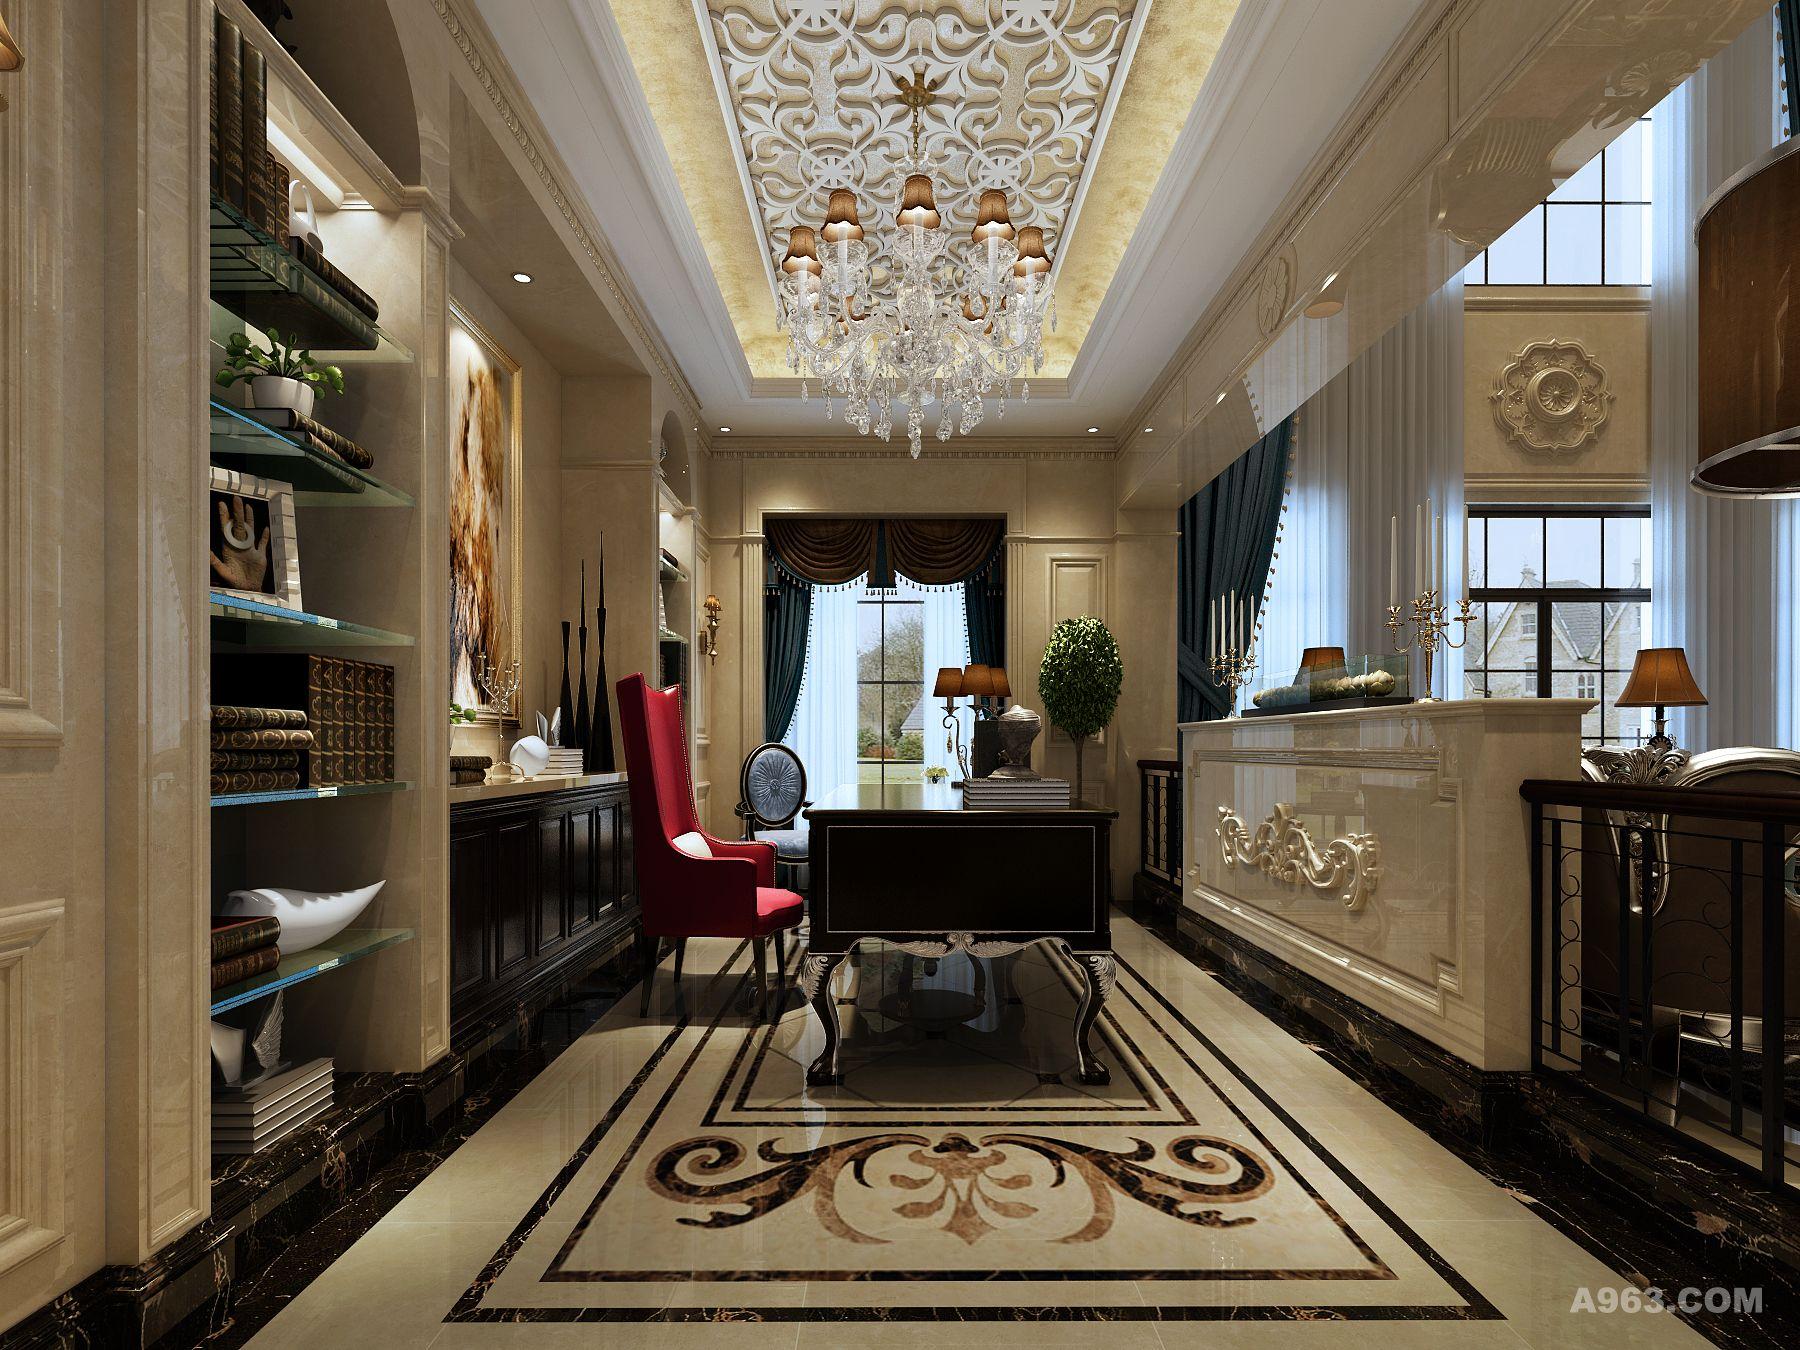 主要装饰材料:白玉兰,黑金花大理石装饰面,马赛克艺术剪画点缀.